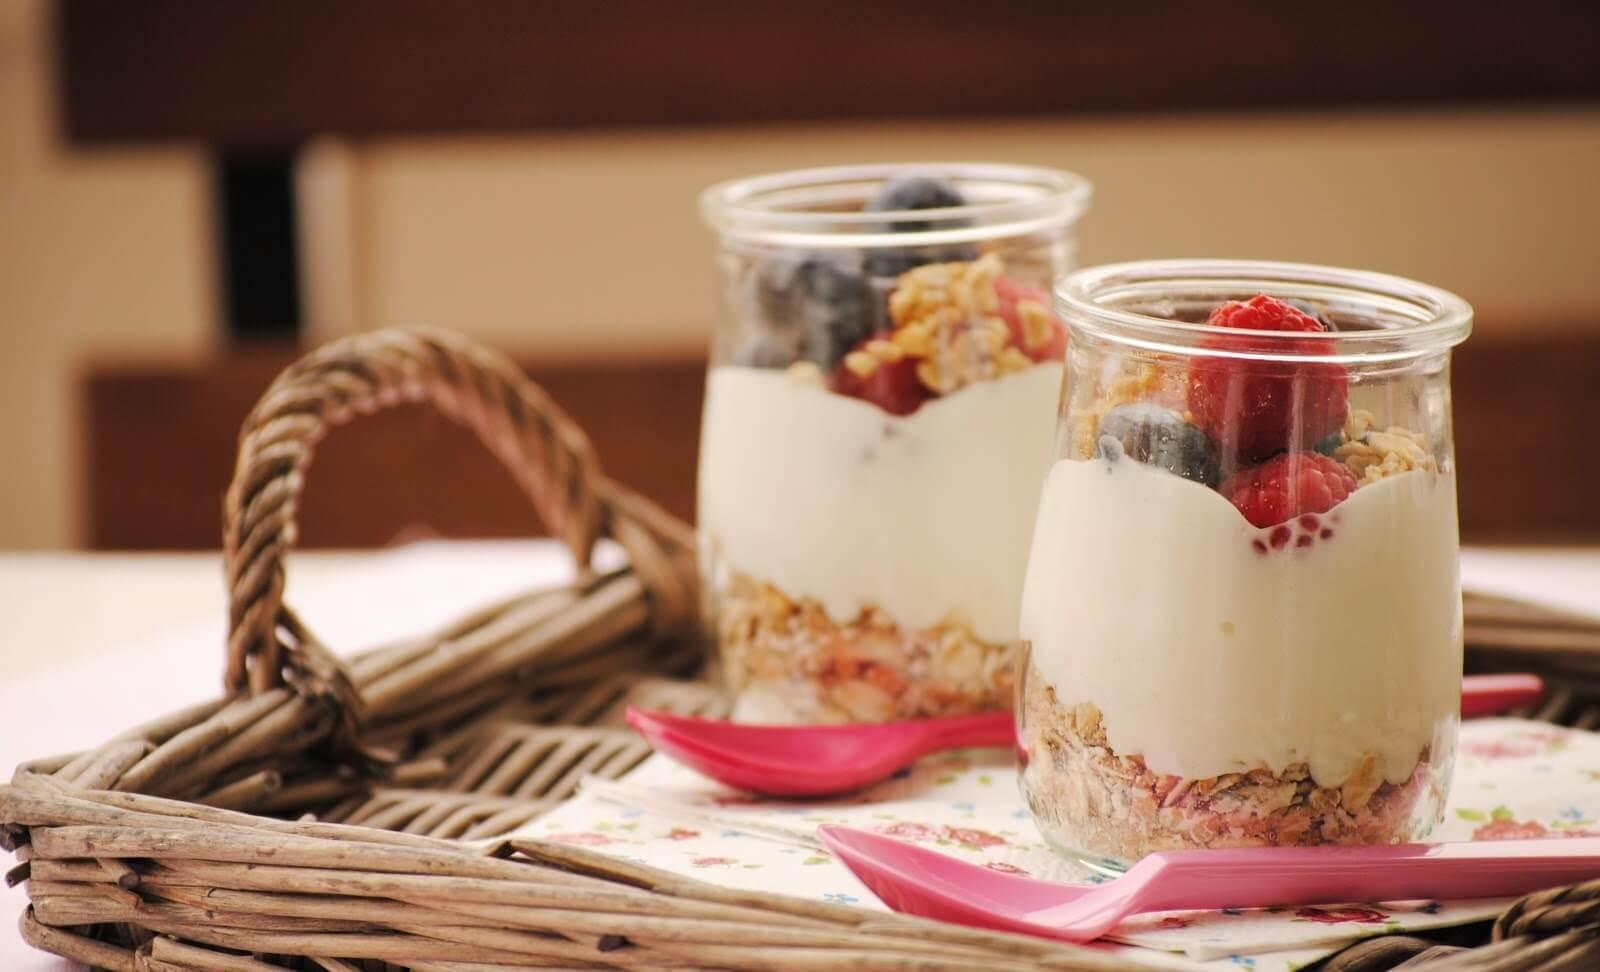 terveelliset aamiaiset: kaura ja jogurtti